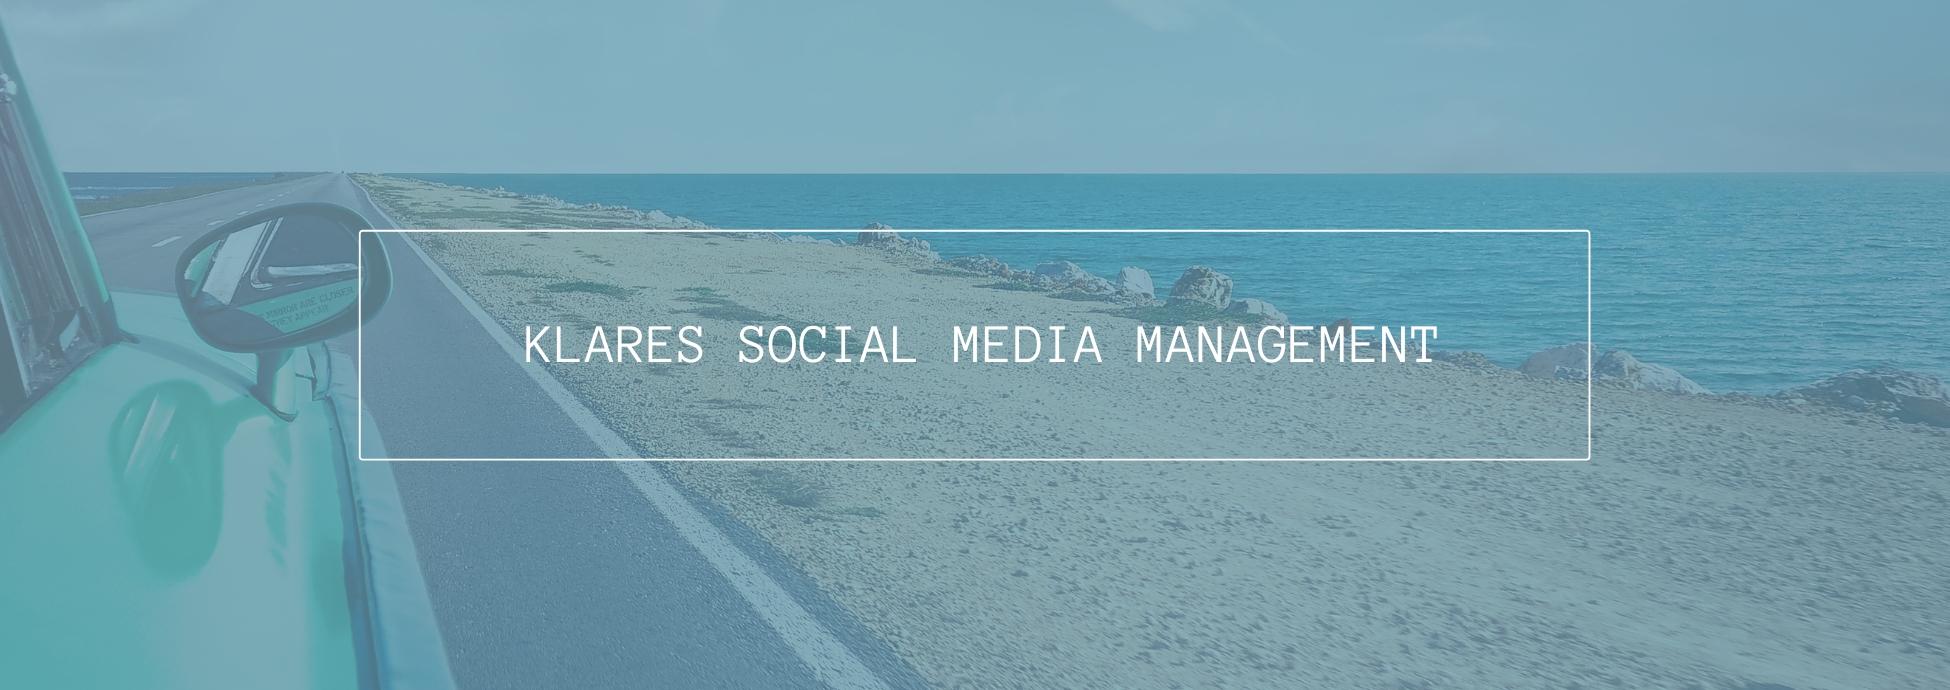 header social media mgmt